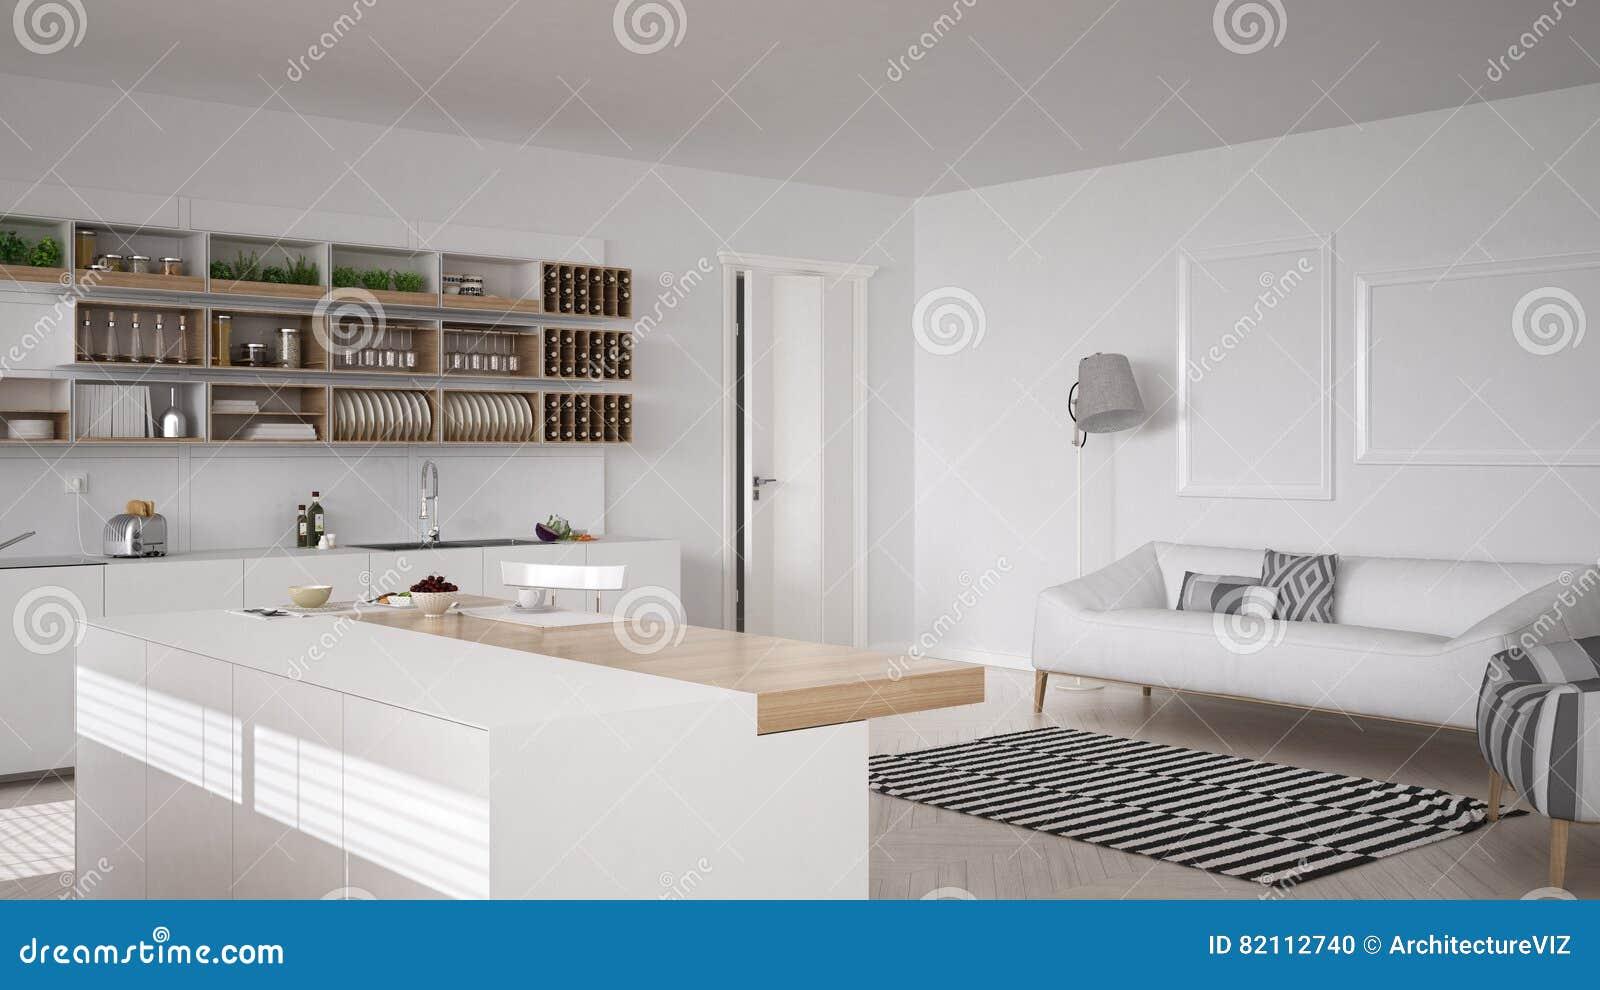 Keuken Interieur Scandinavisch : Skandinavische witte keuken minimalistic binnenlands ontwerp